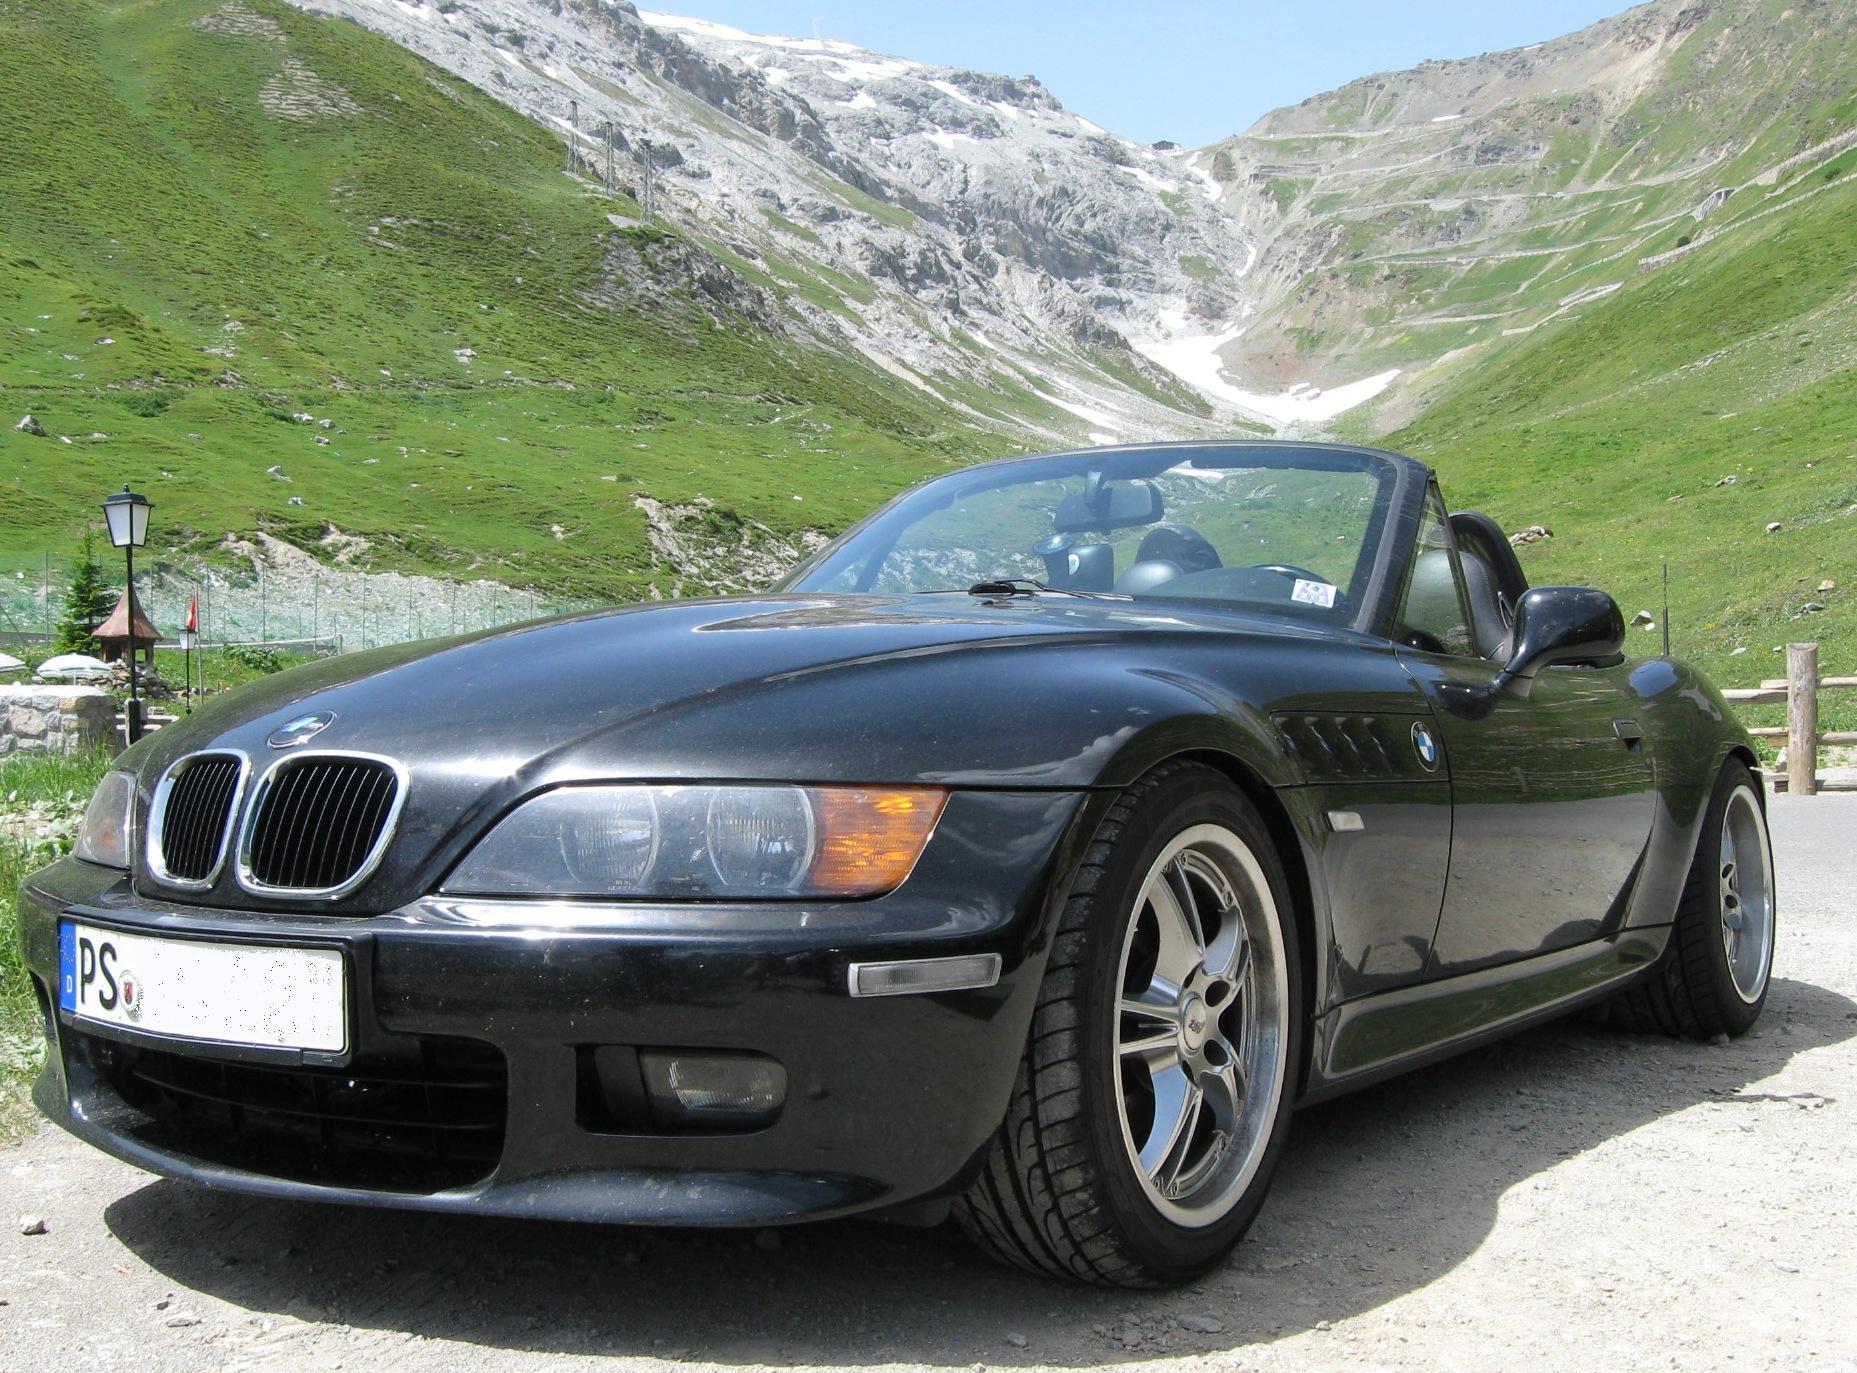 BMW Z3 2.2 roadster (E36)